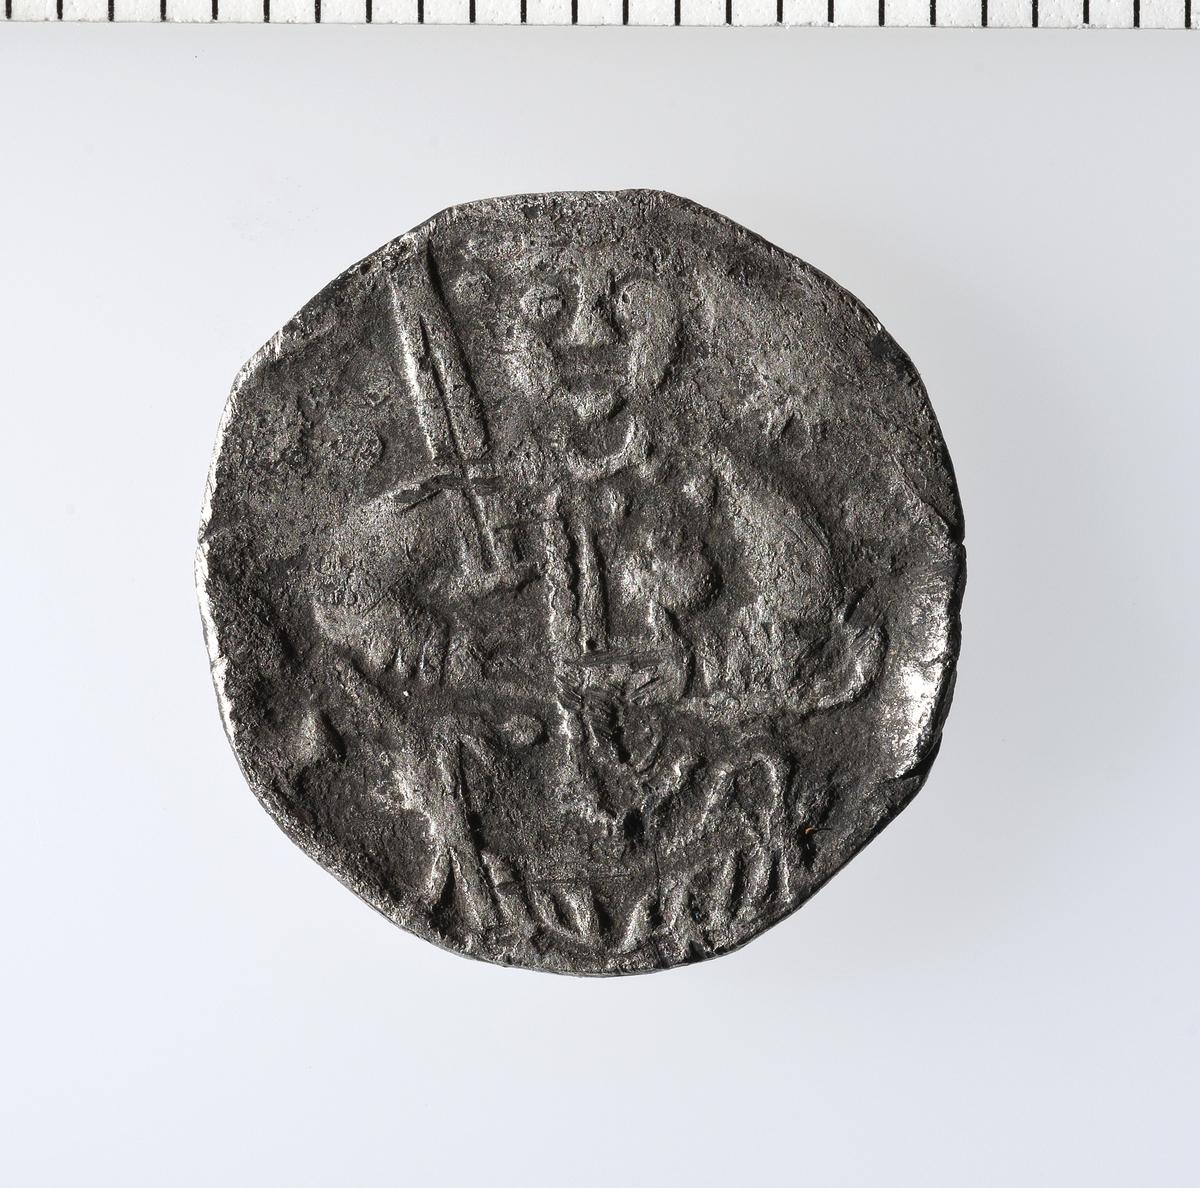 Advers: I midtfeltet, tempel. Omskrift. Revers: I midtfeltet, kors med perlering. I korsvinklene er skrevet PI LI GR IM. (erkebiskop Piligrim, som sammen med Conrad 2. var myntherre for denne denaren) Omskrift.